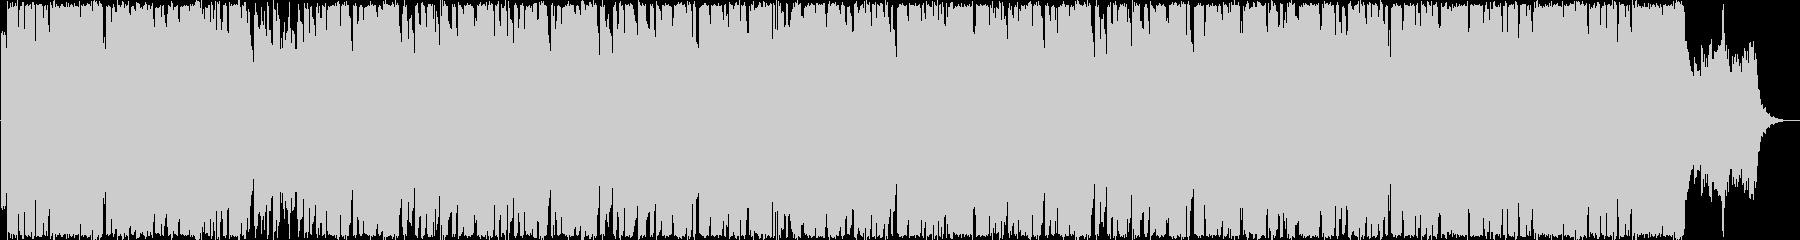 ゆったりしたシンセ・ピアノのサウンドの未再生の波形